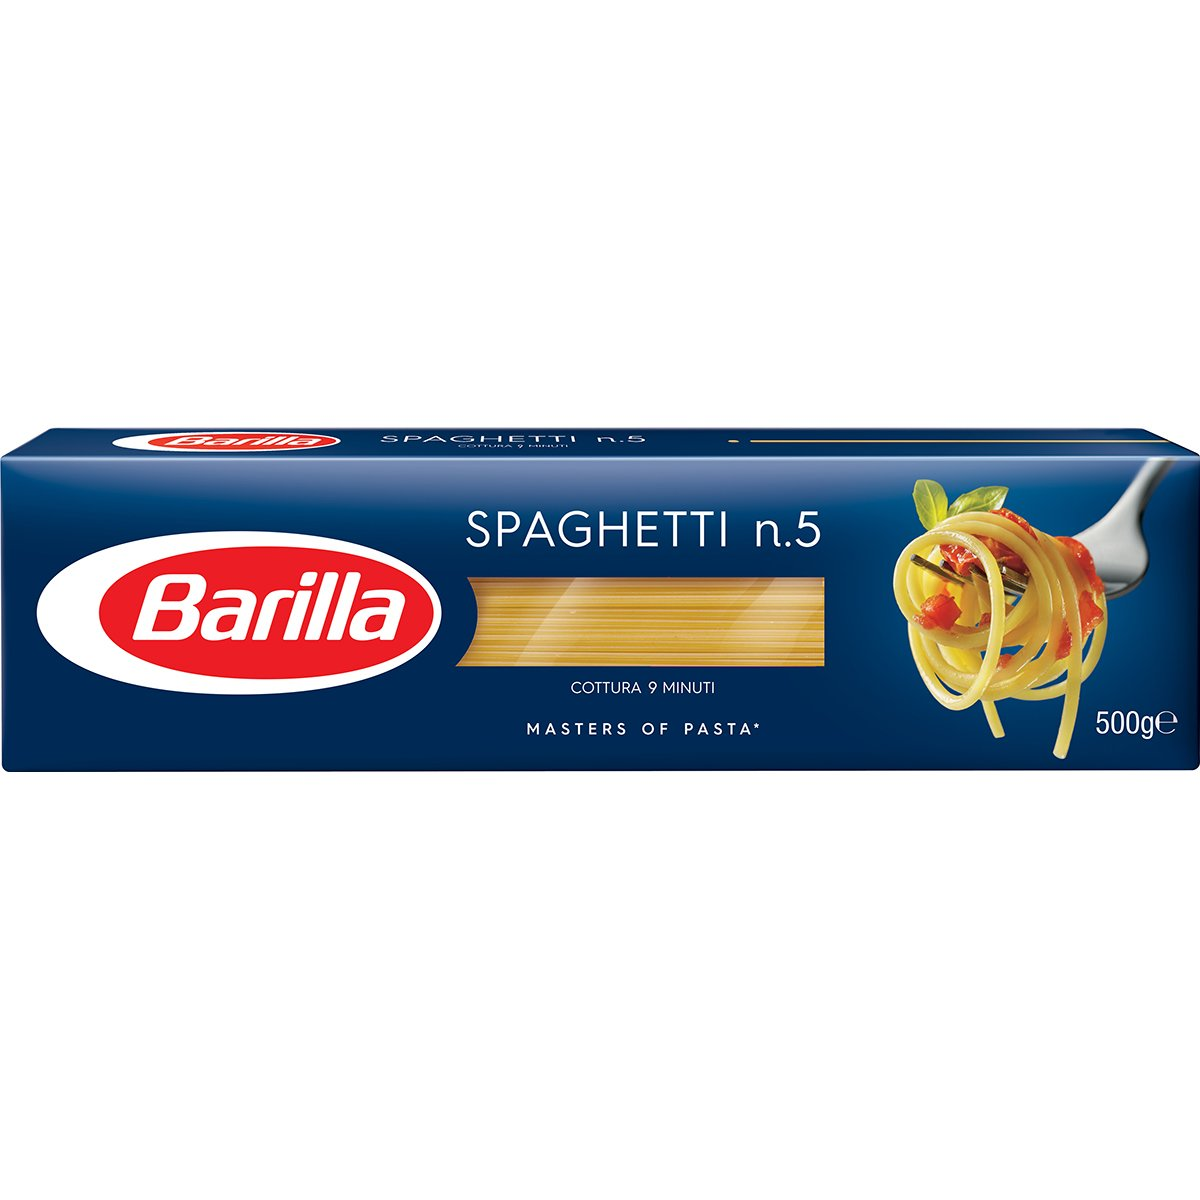 Spaghetti n.5 Barilla, 500 g imagine